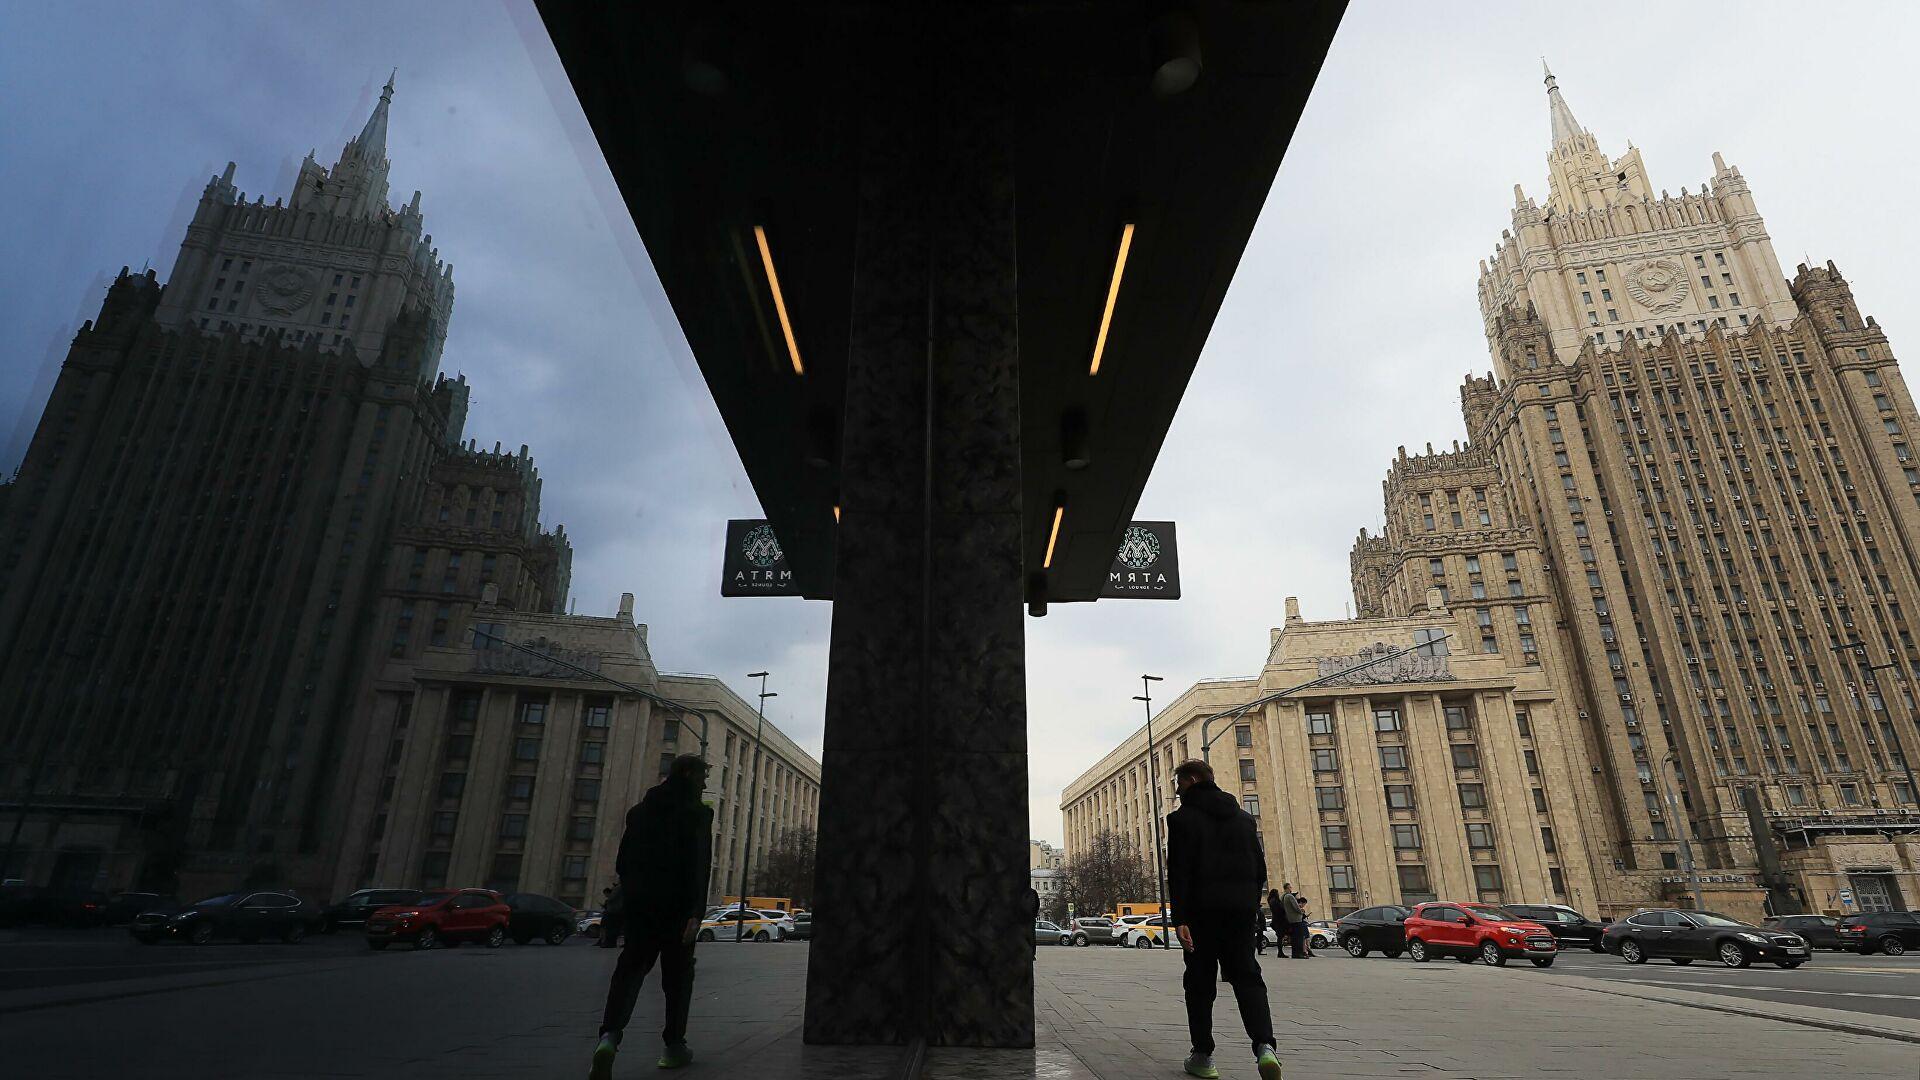 Москва: Након импресивног завршетка авганистанске епопеје, како даље без `руске претње` - никако